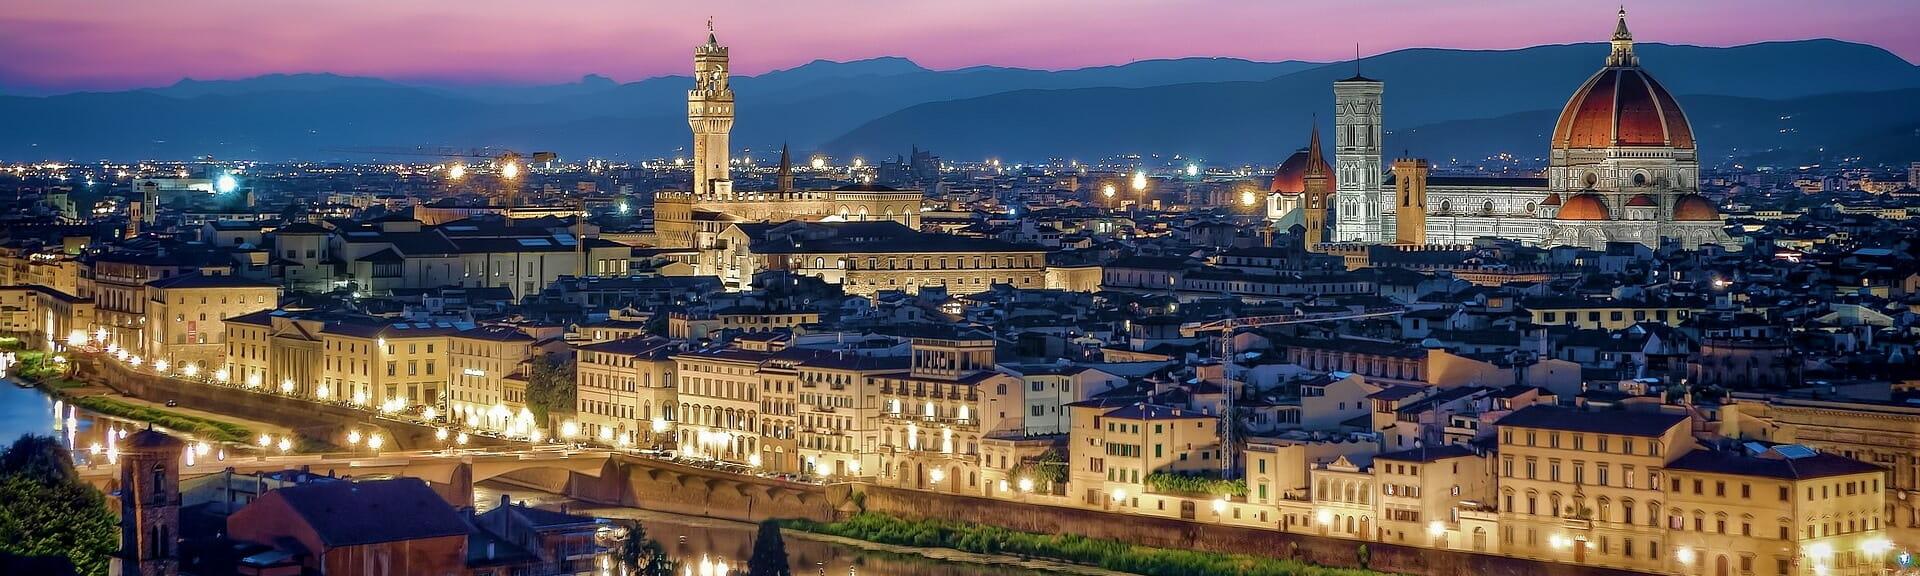 Klassenfahrt Toskana Florenz bei Nacht